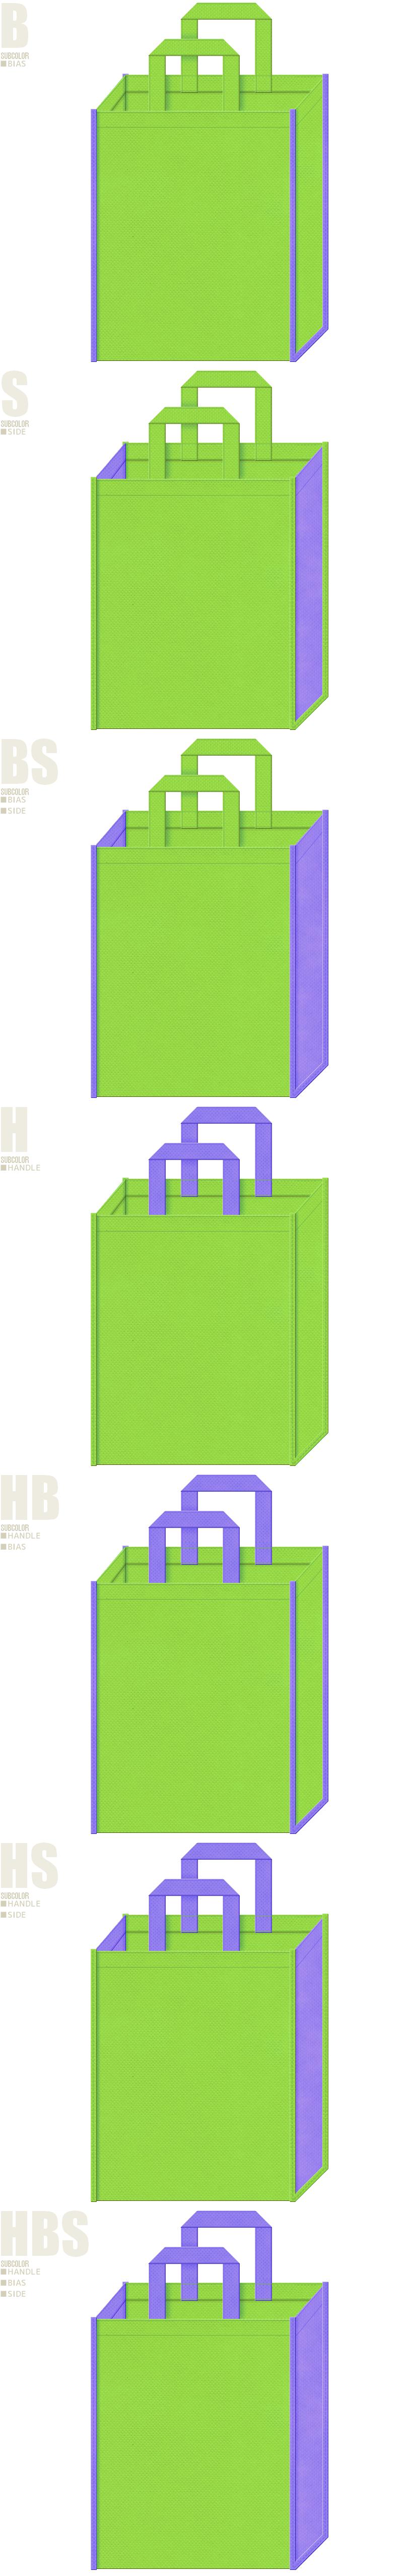 カキツバタ・あじさい・藤・プランツの展示会用バッグにお奨めの不織布バッグデザイン:黄緑色と薄紫色の不織布バッグ配色7パターン。